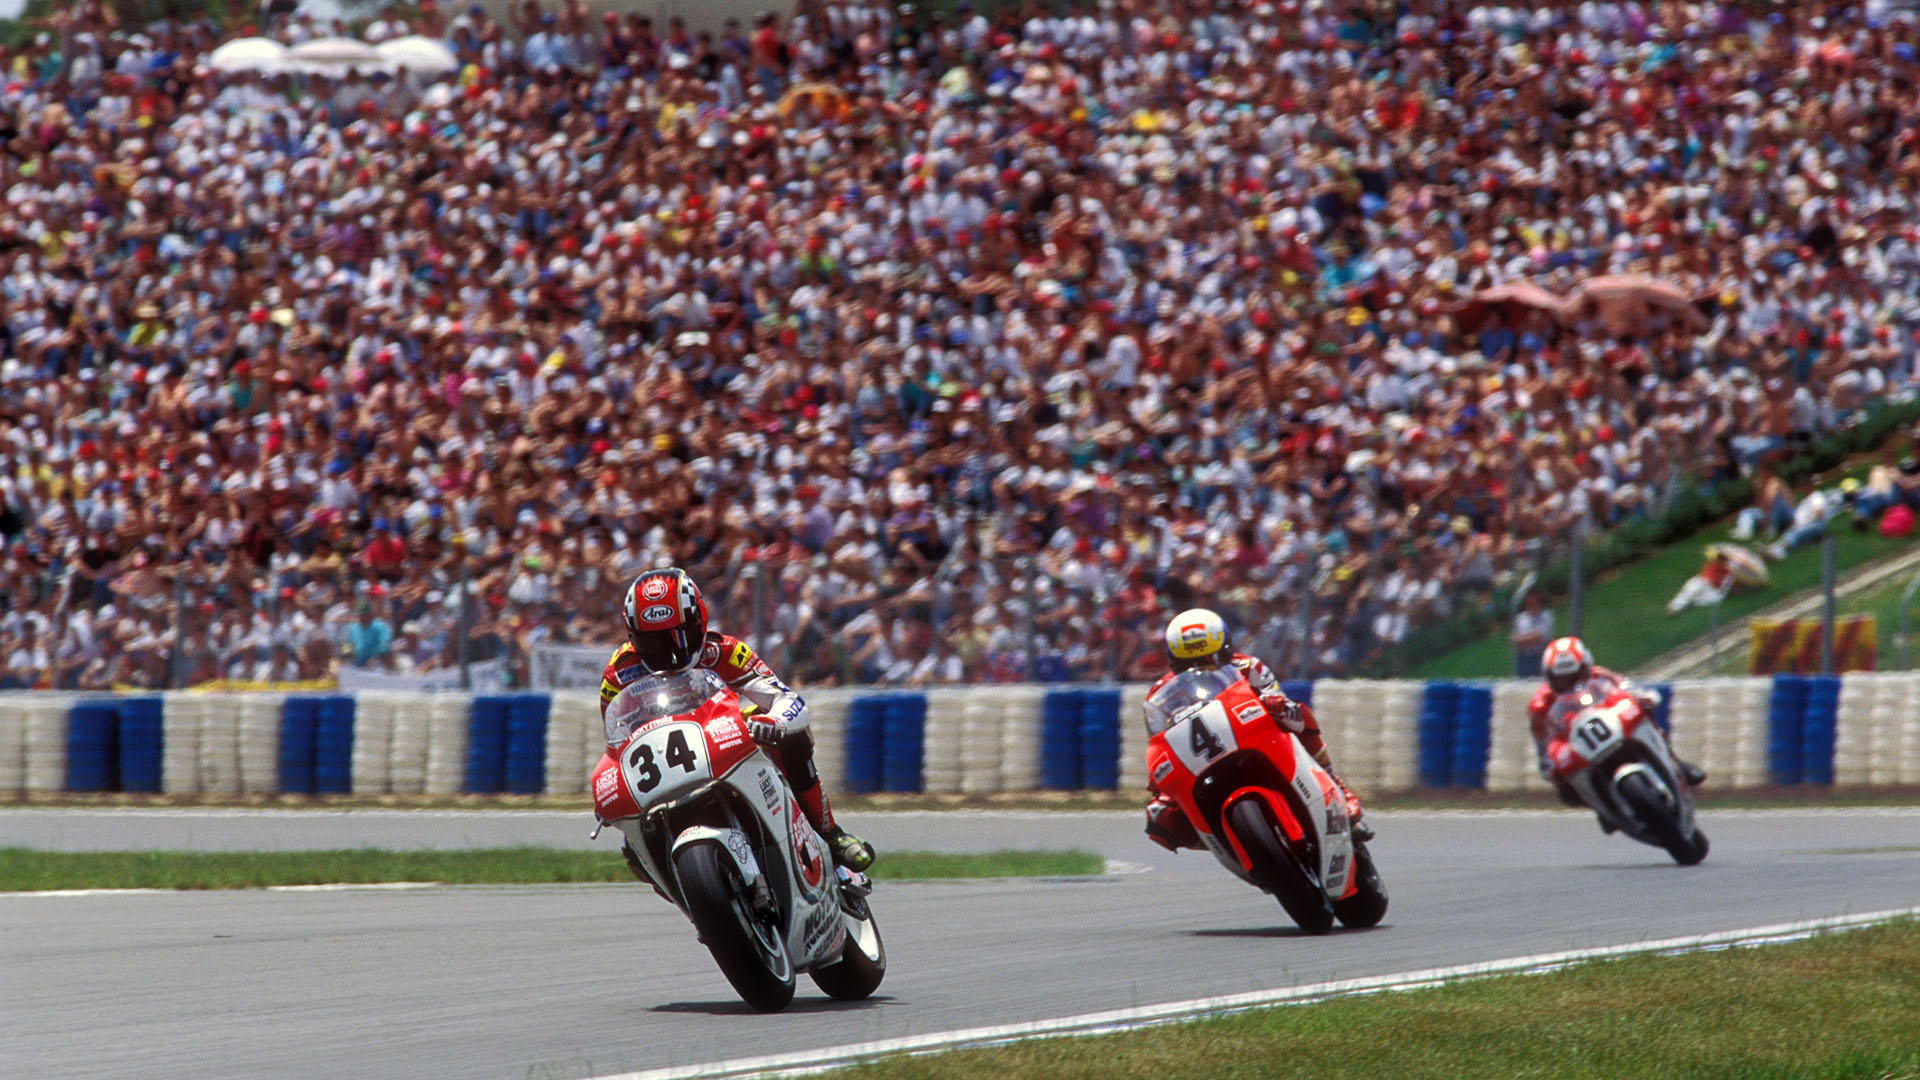 1993 Suzuki con Kevin Schwantz gana el título de 500 cc